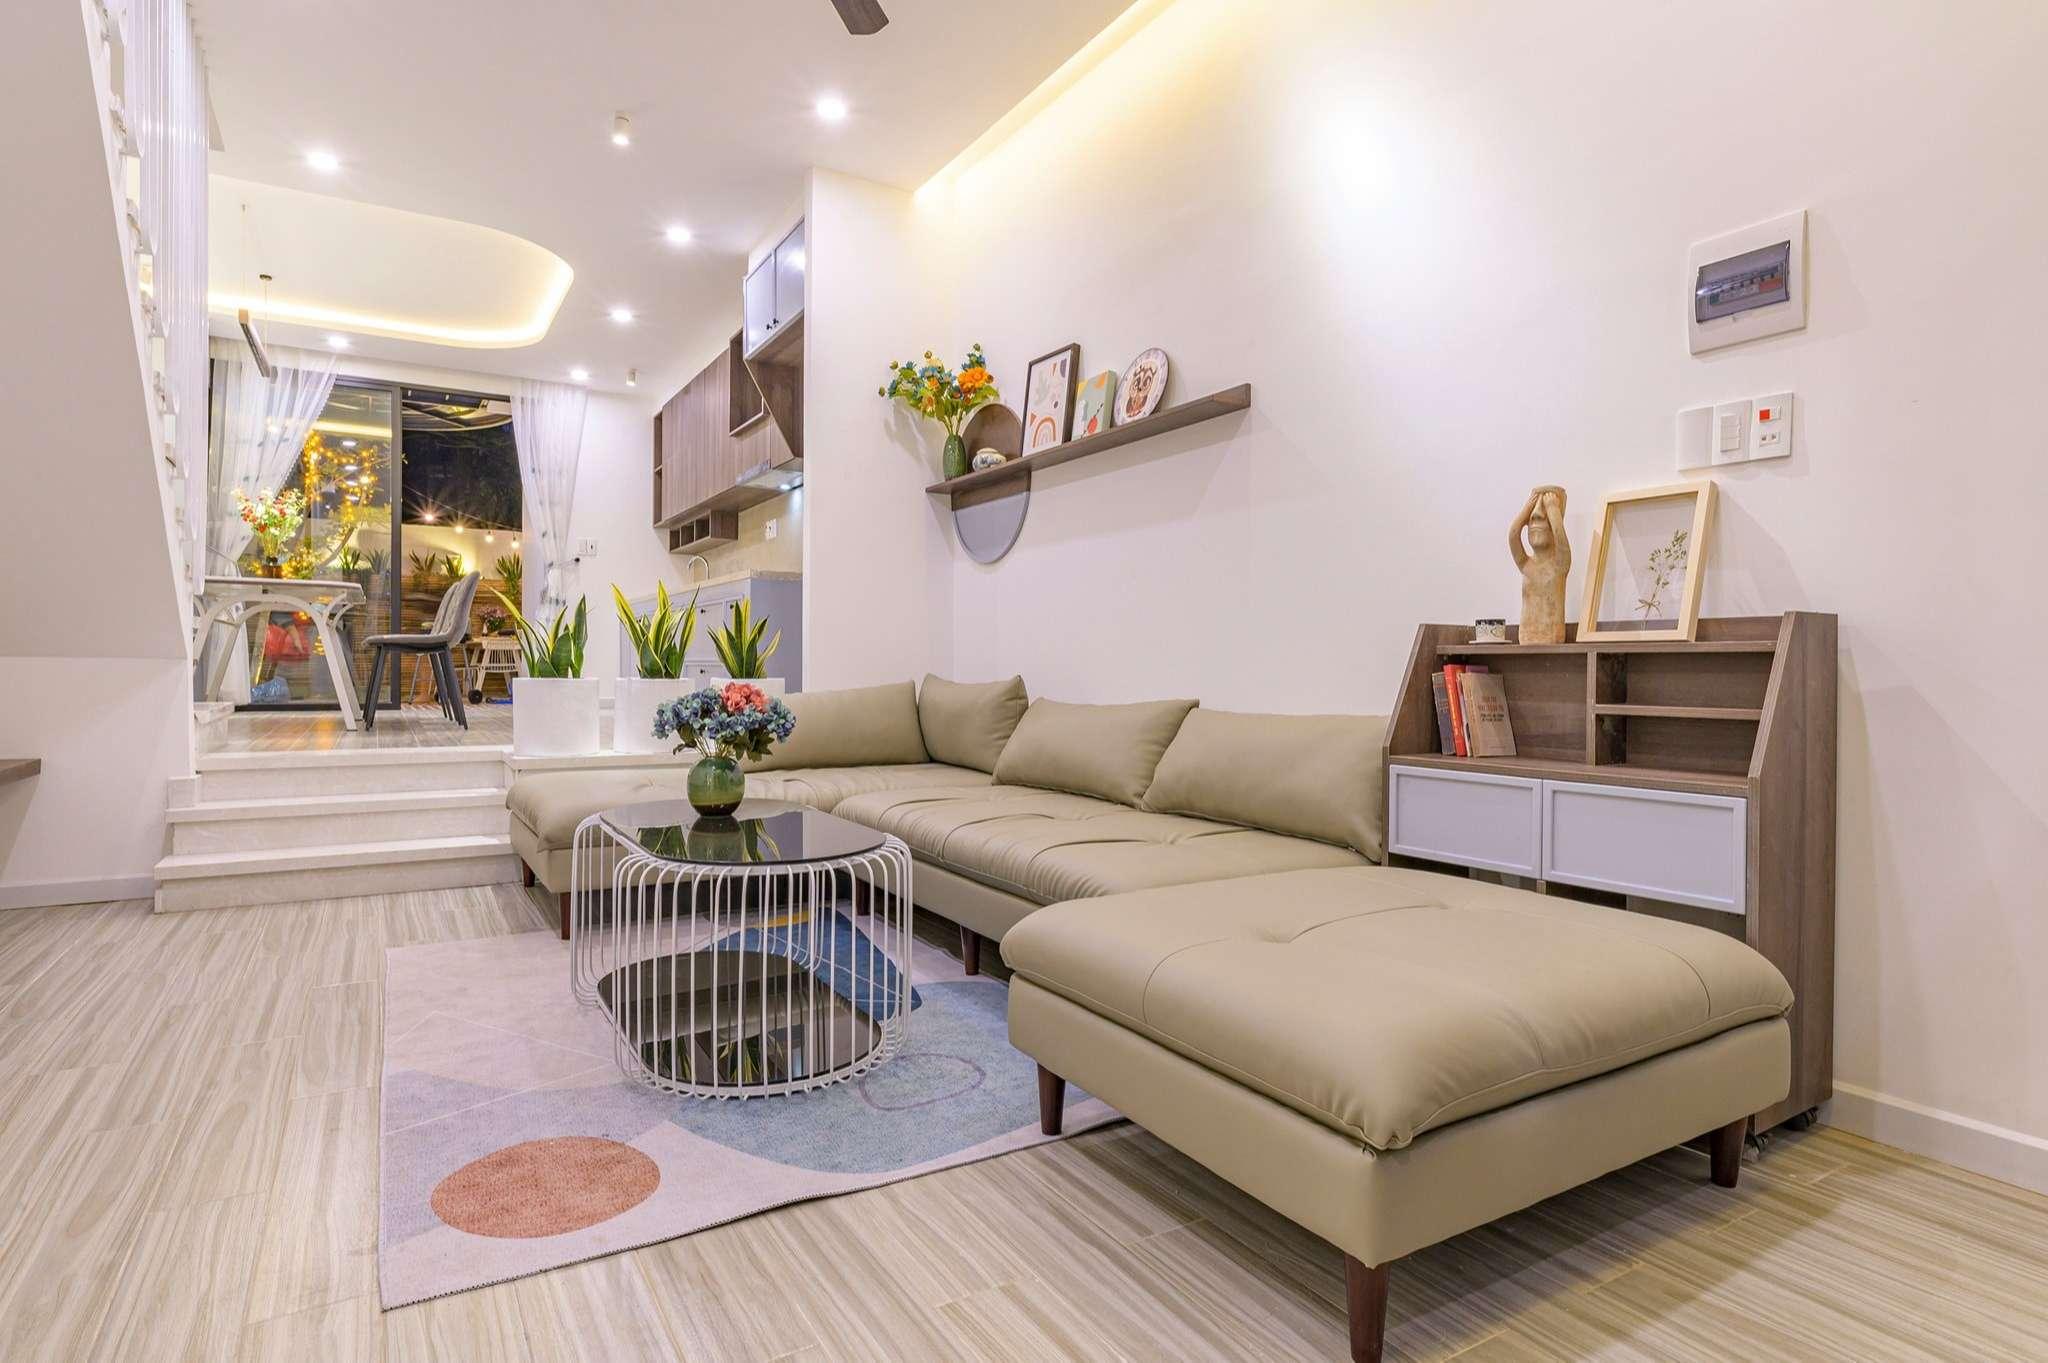 Phòng khách và bếp có cao độ khác nhau